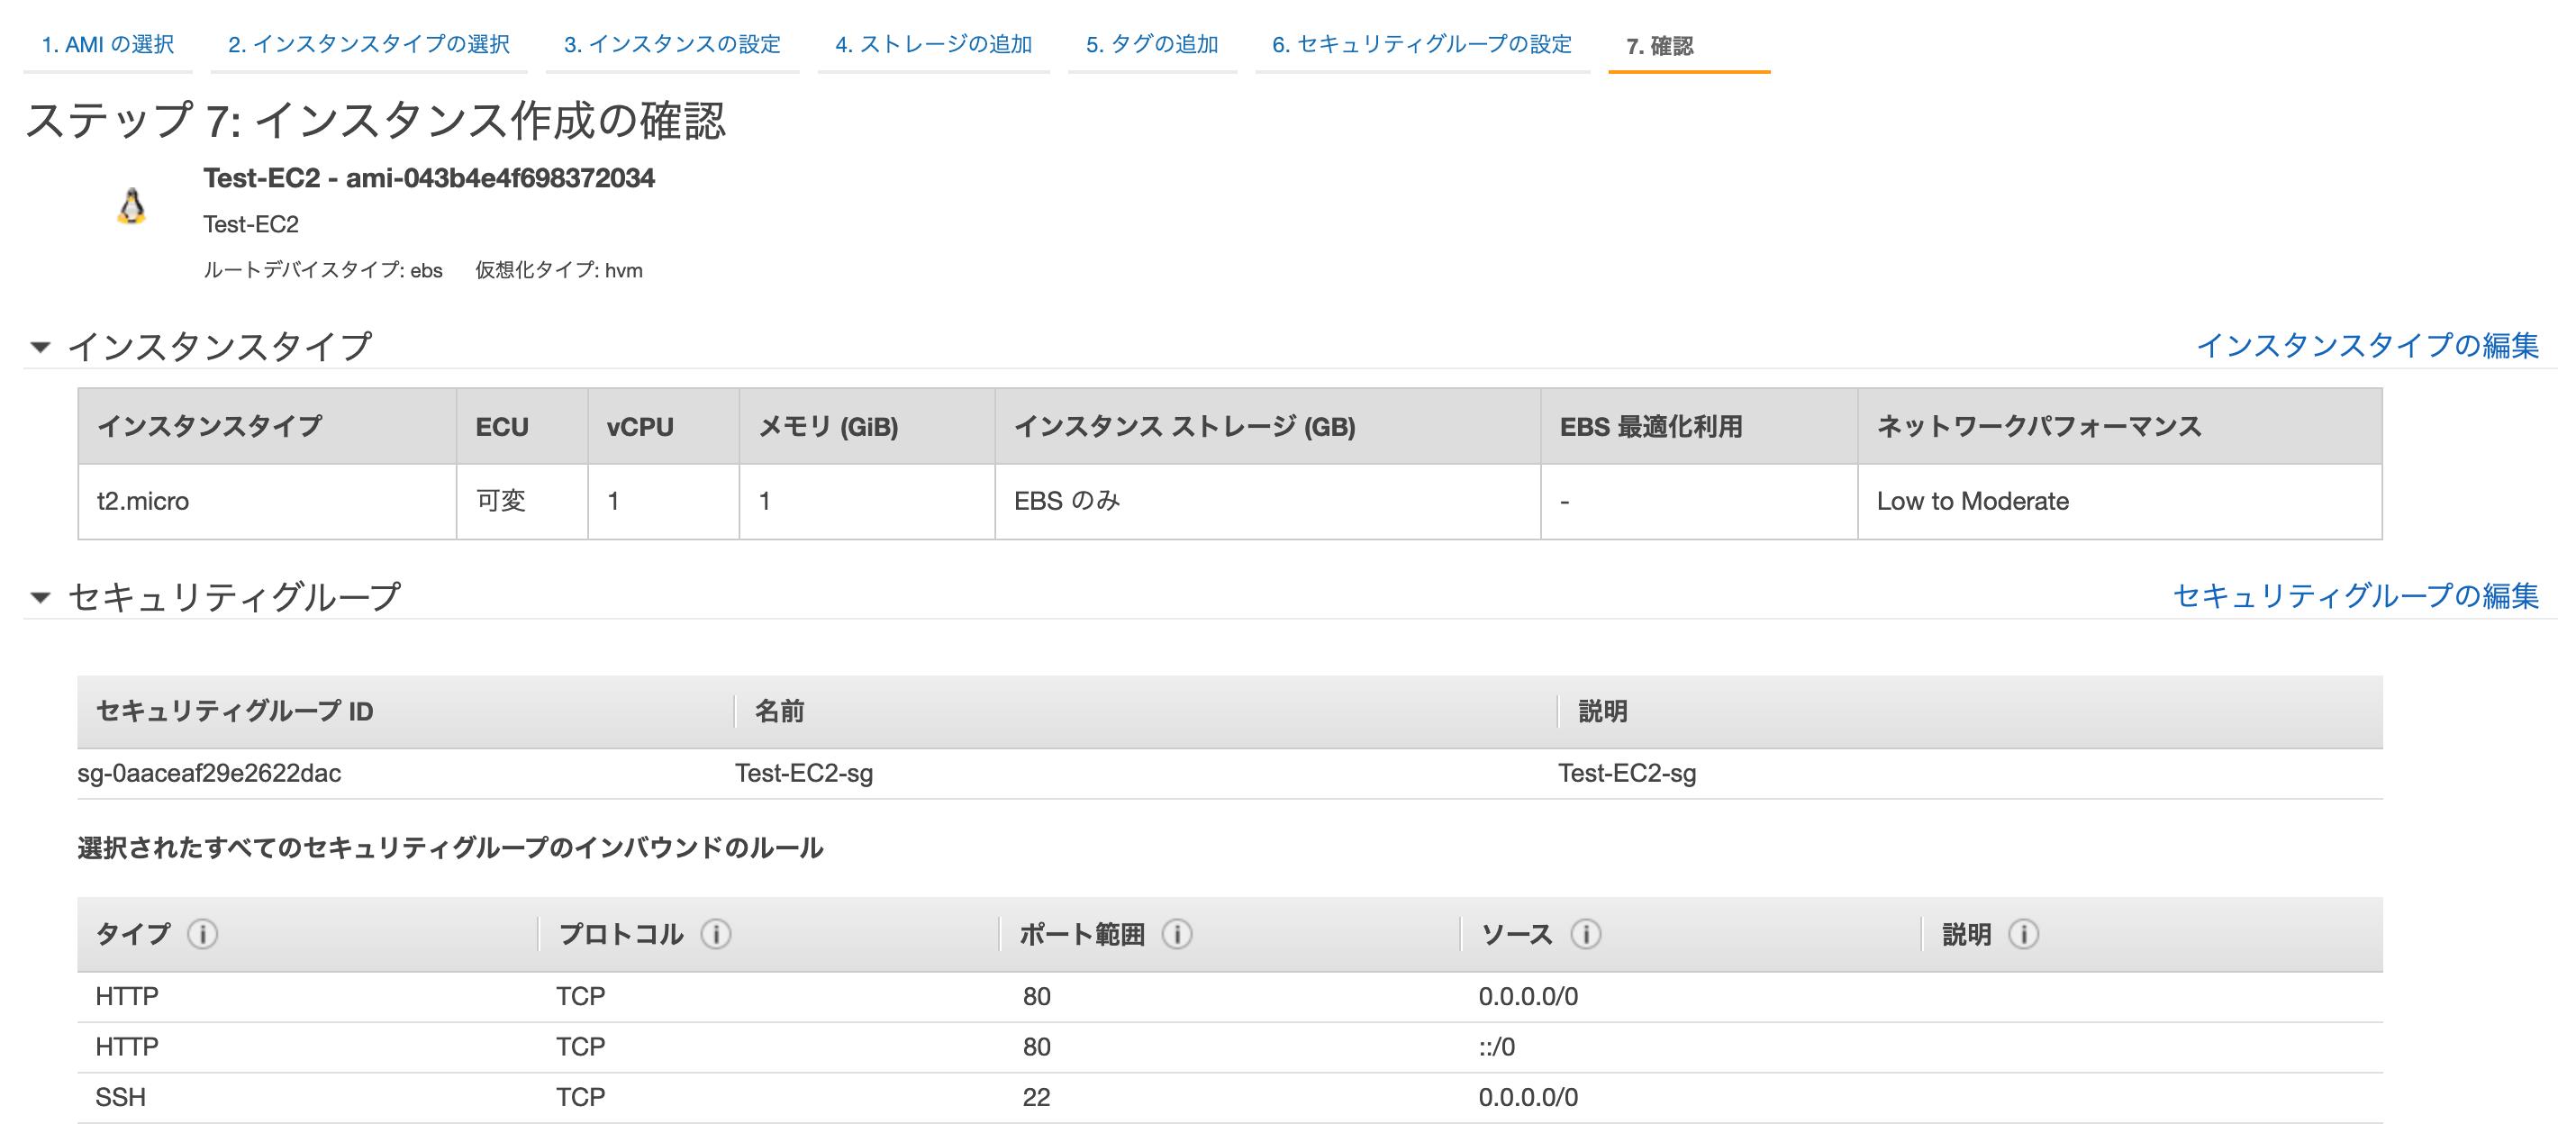 スクリーンショット 2020-03-18 19.42.05.png